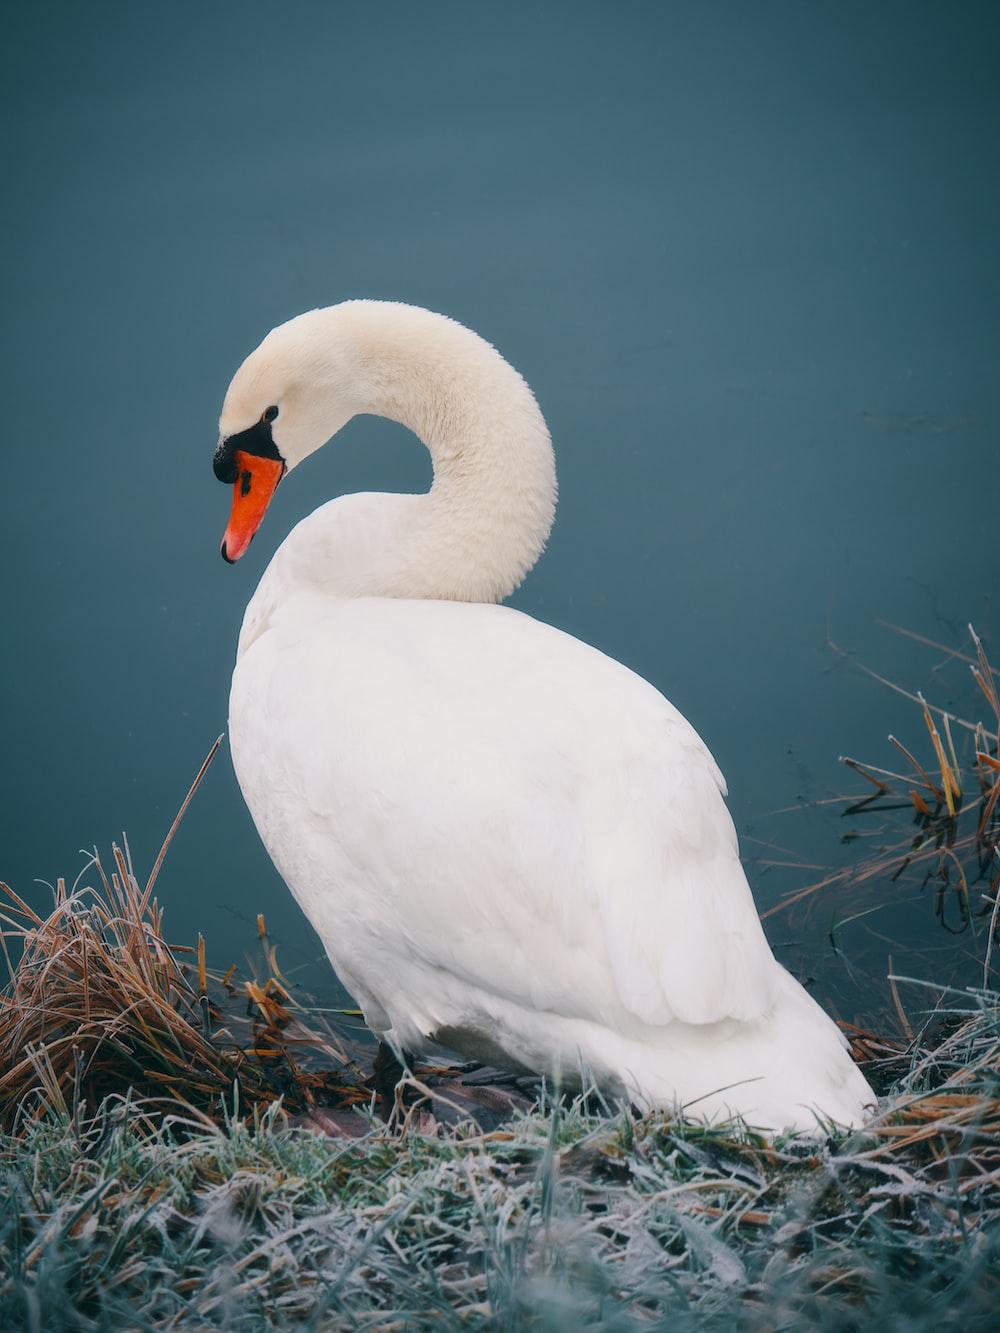 mute swan near body of water